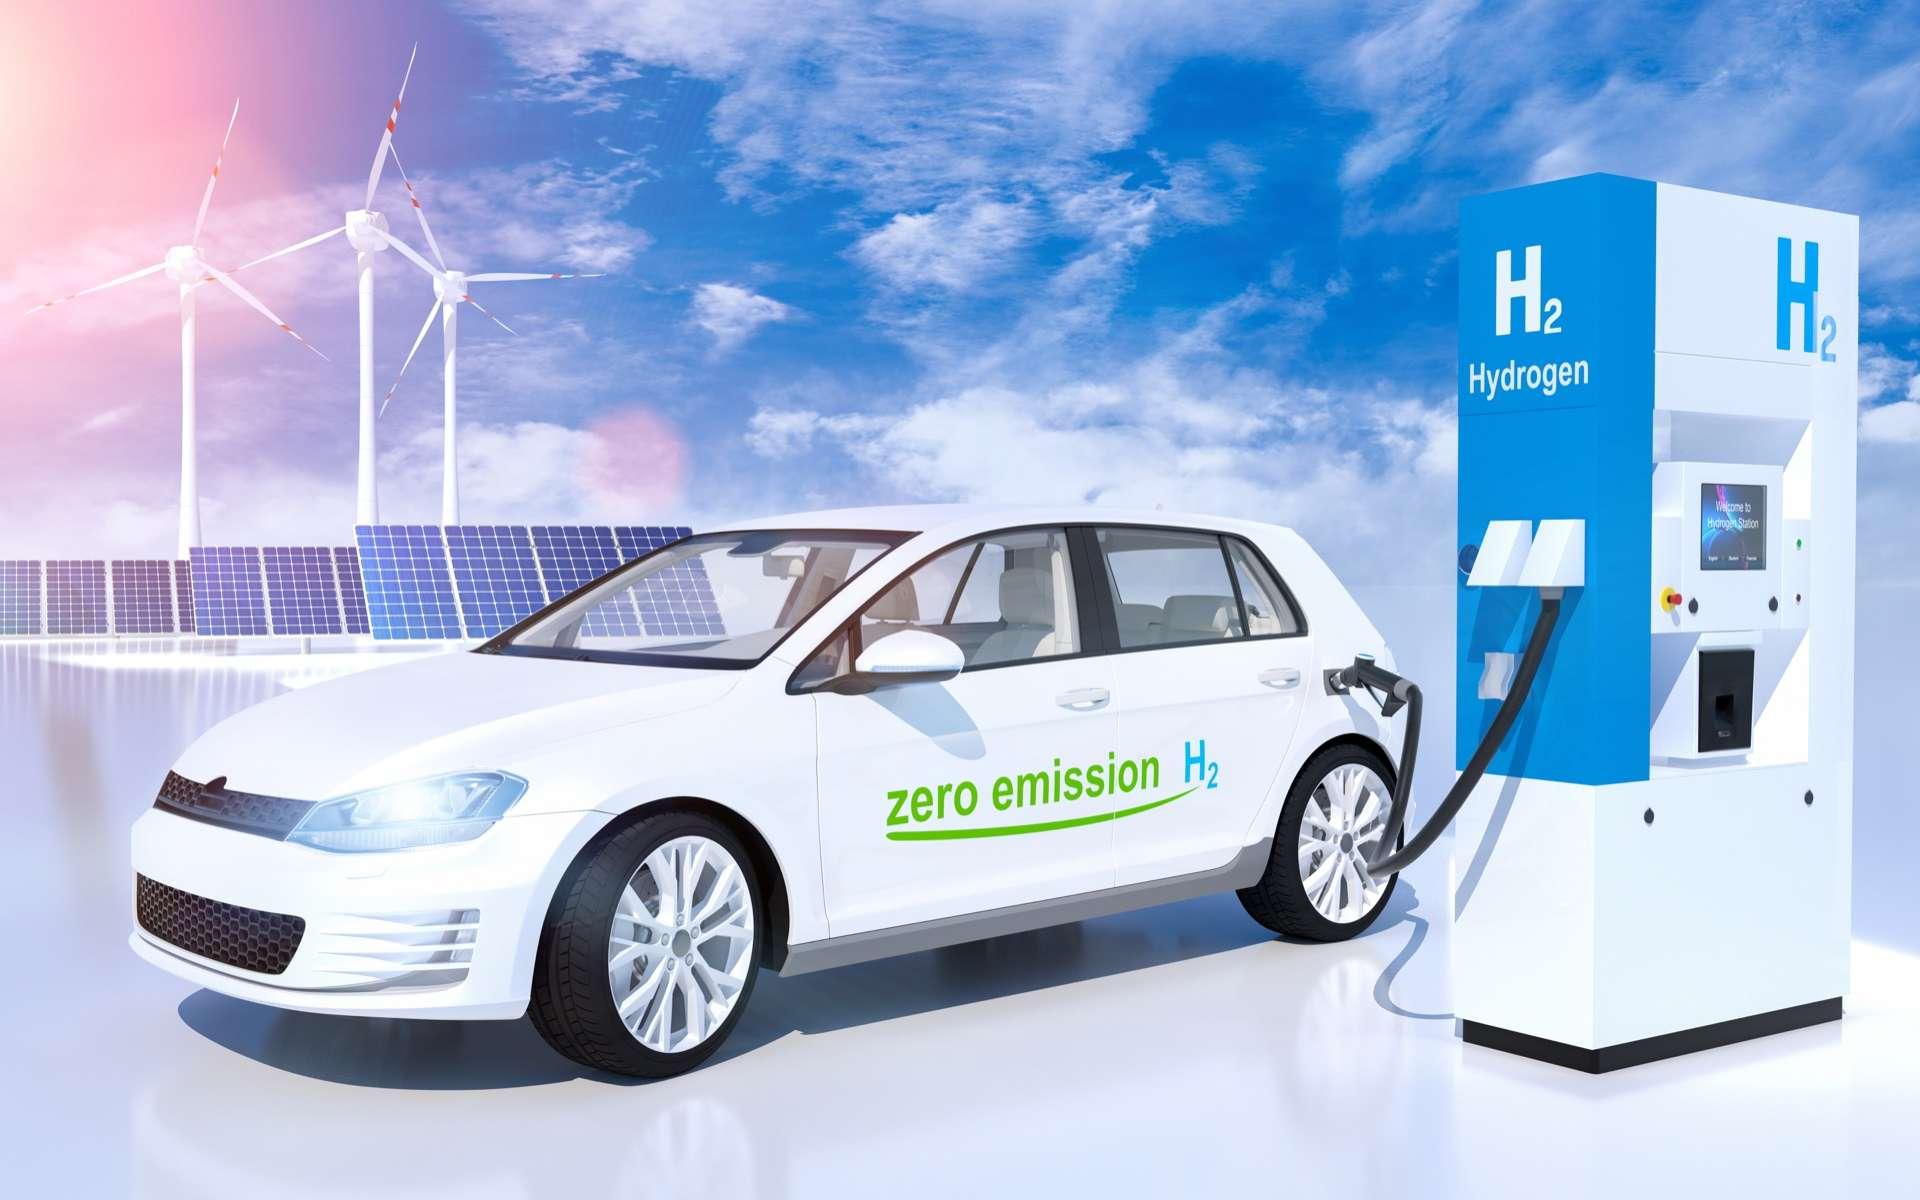 L'hydrogène vert pourrait remplacer les carburants fossiles, pétrole ou gaz ! © AA+W, Adobe Stock